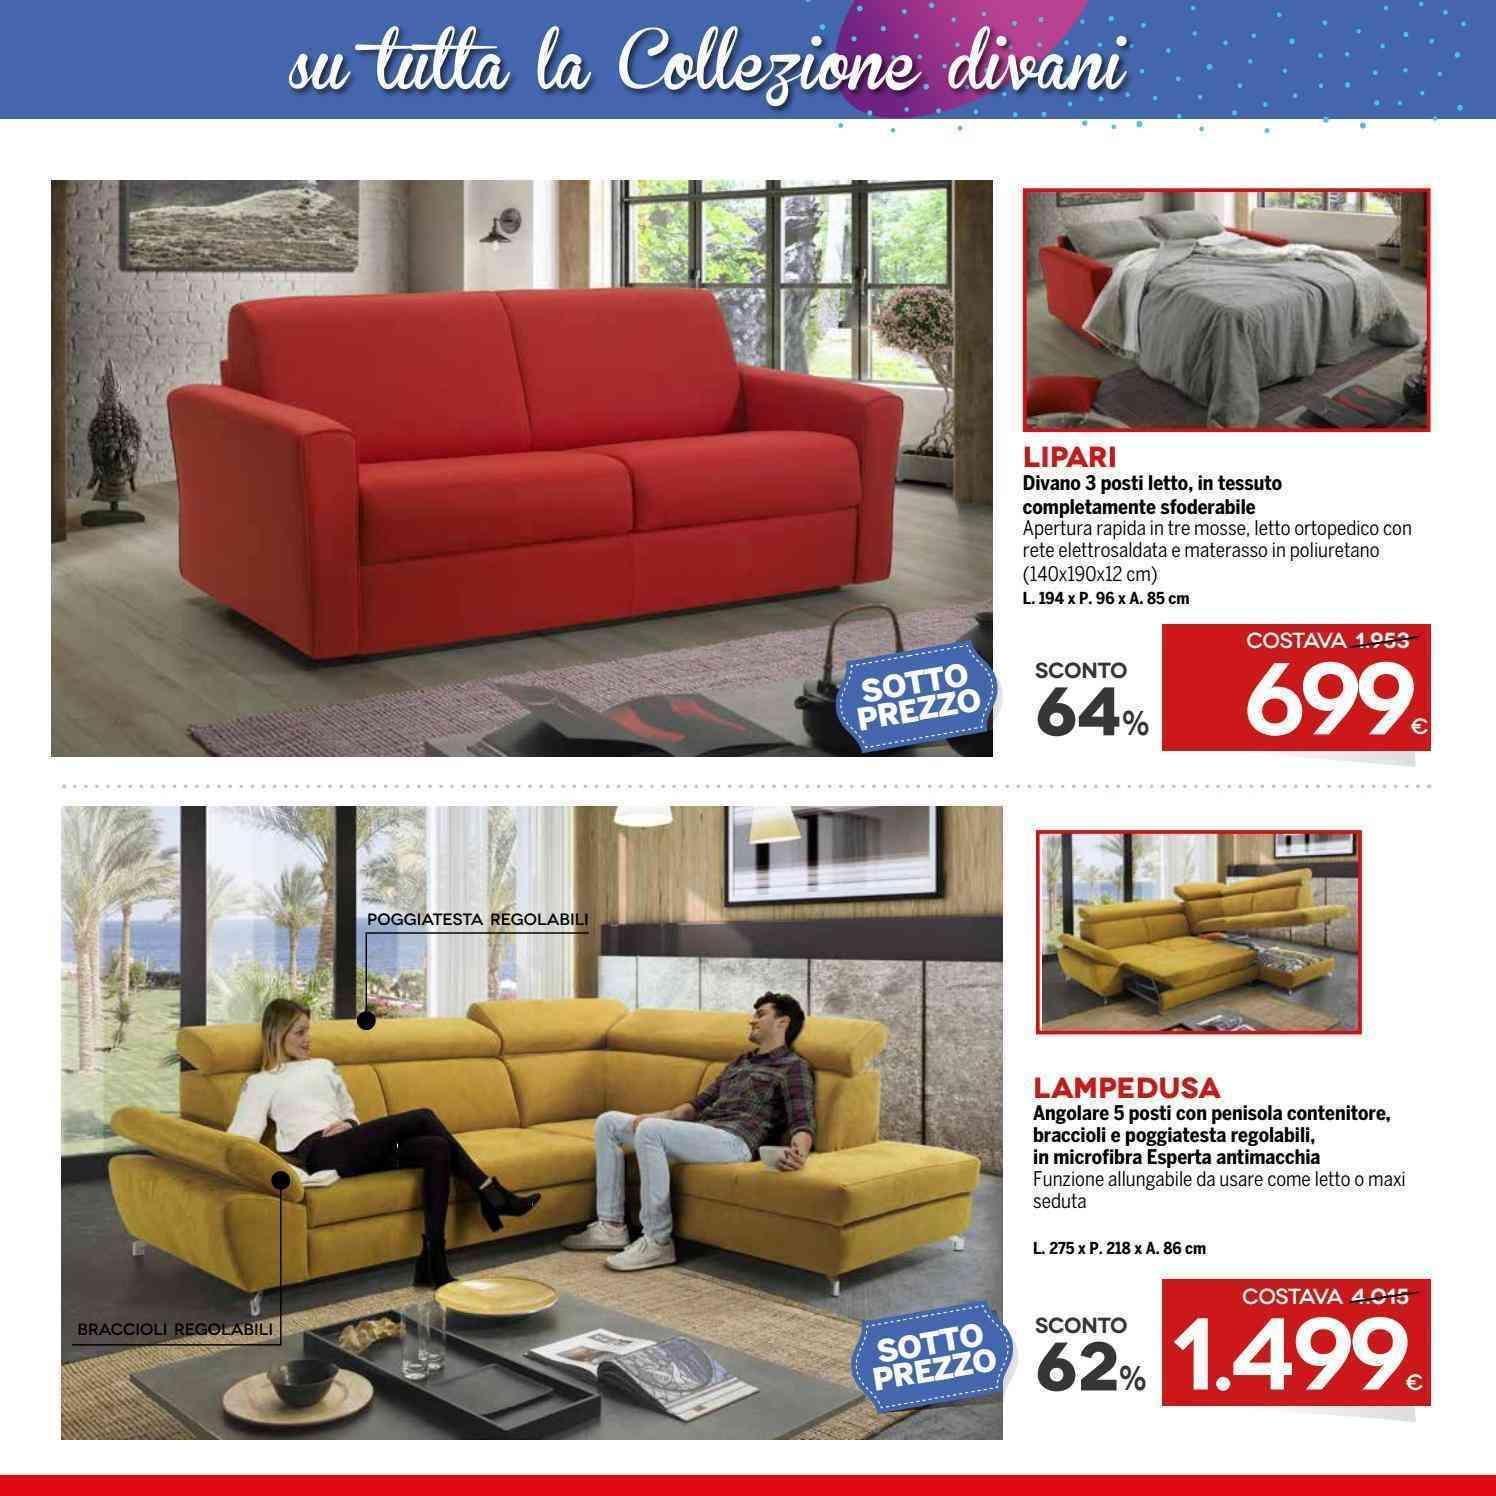 Divano Letto Gonfiabile Auchan.Offerte Materassi A Castelfidardo Negozi Per Arredare Casa Promoqui